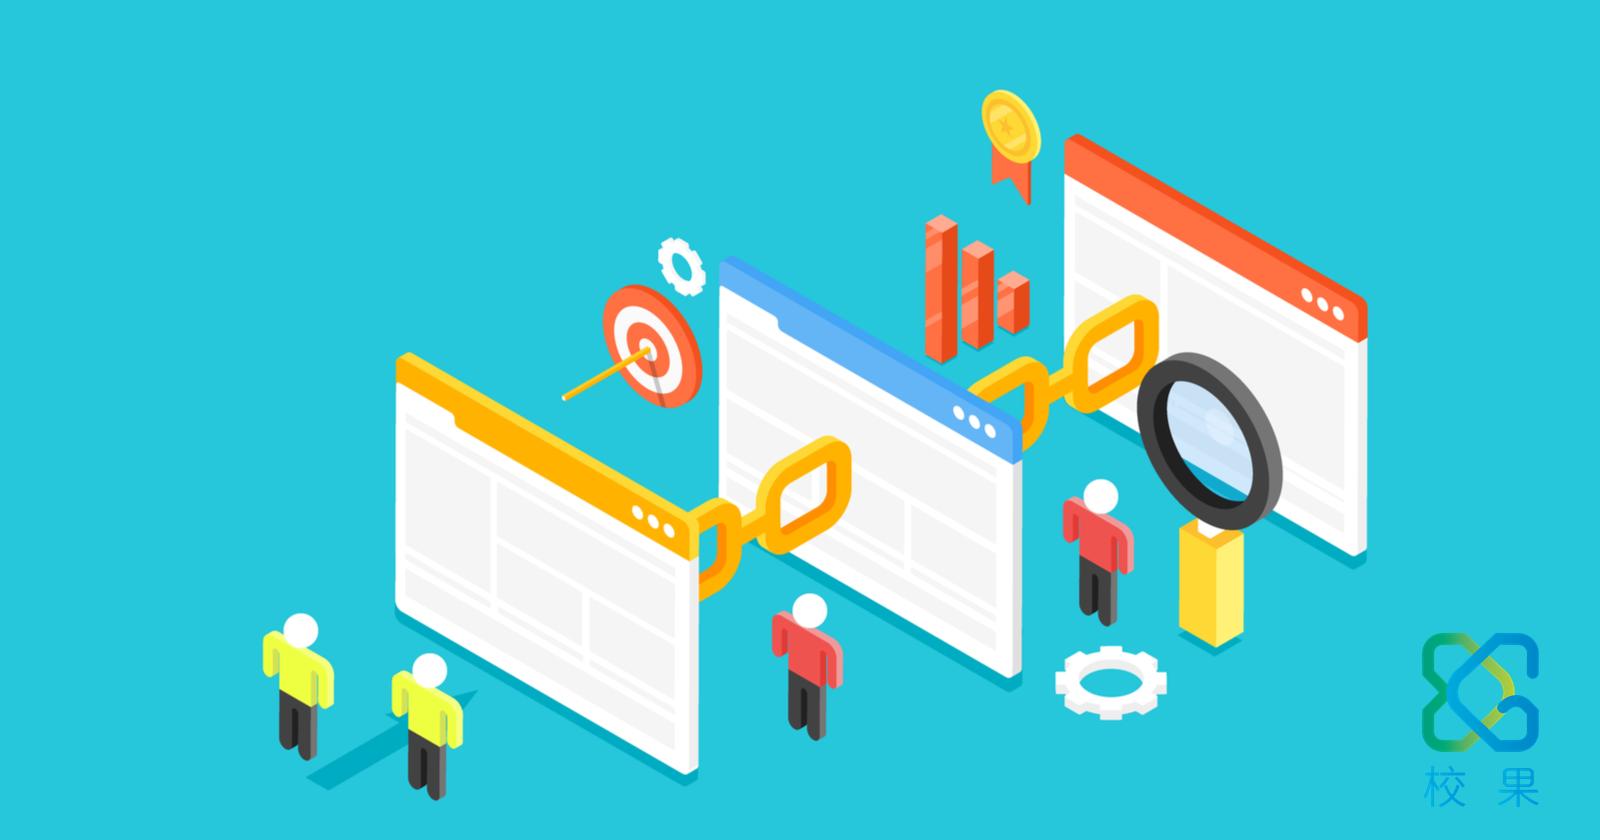 五个校园营销技巧提升用户增长和留存